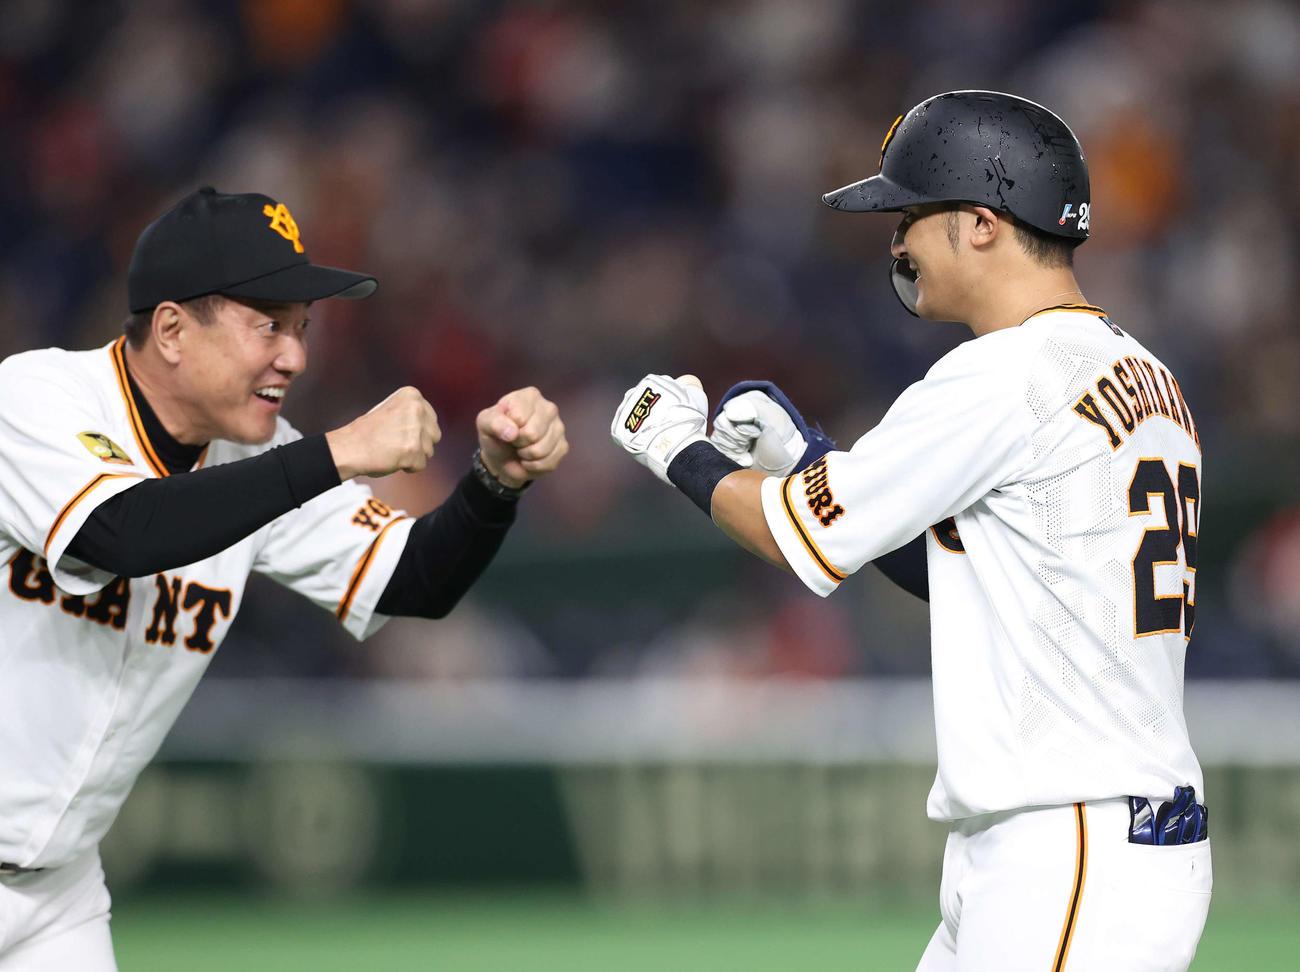 巨人対広島 9回裏巨人2死三塁、サヨナラ打を放った吉川尚(右)は原監督とグータッチを交わす(撮影・河野匠)